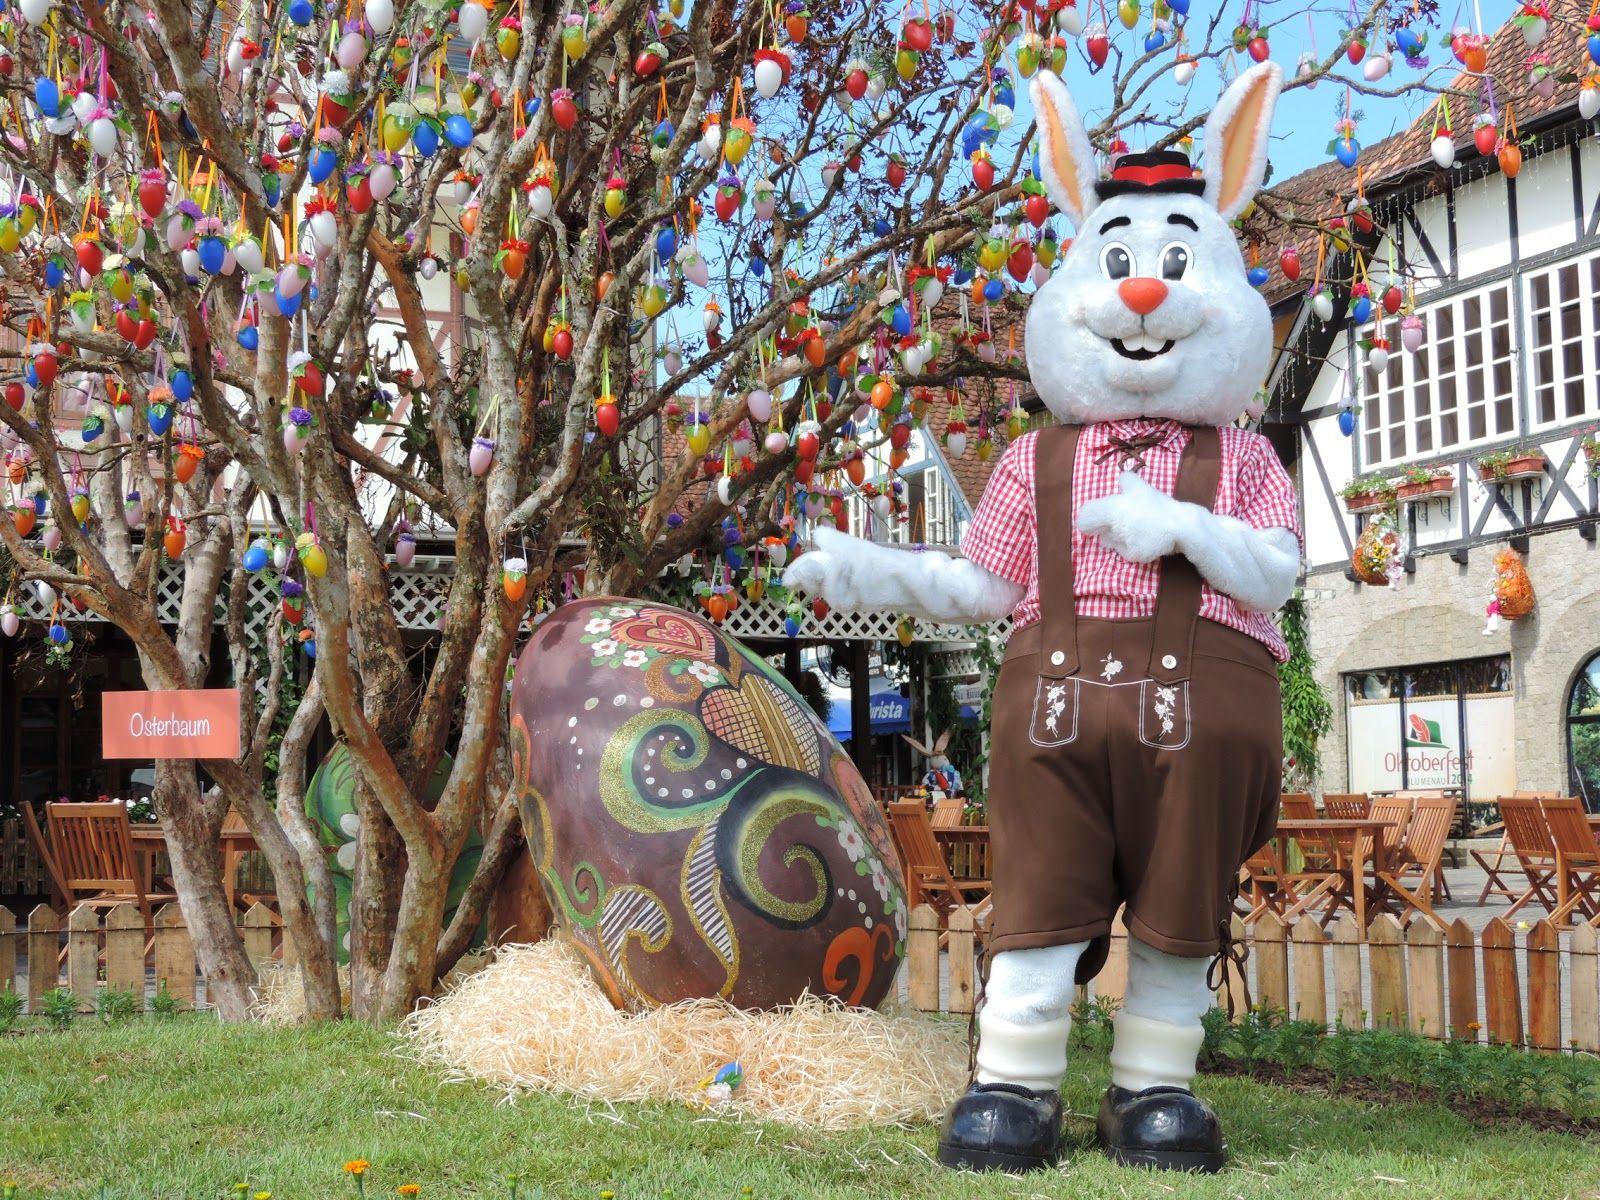 Árvore de óvos na páscoa - Divulgação Portal Falando de Turismo